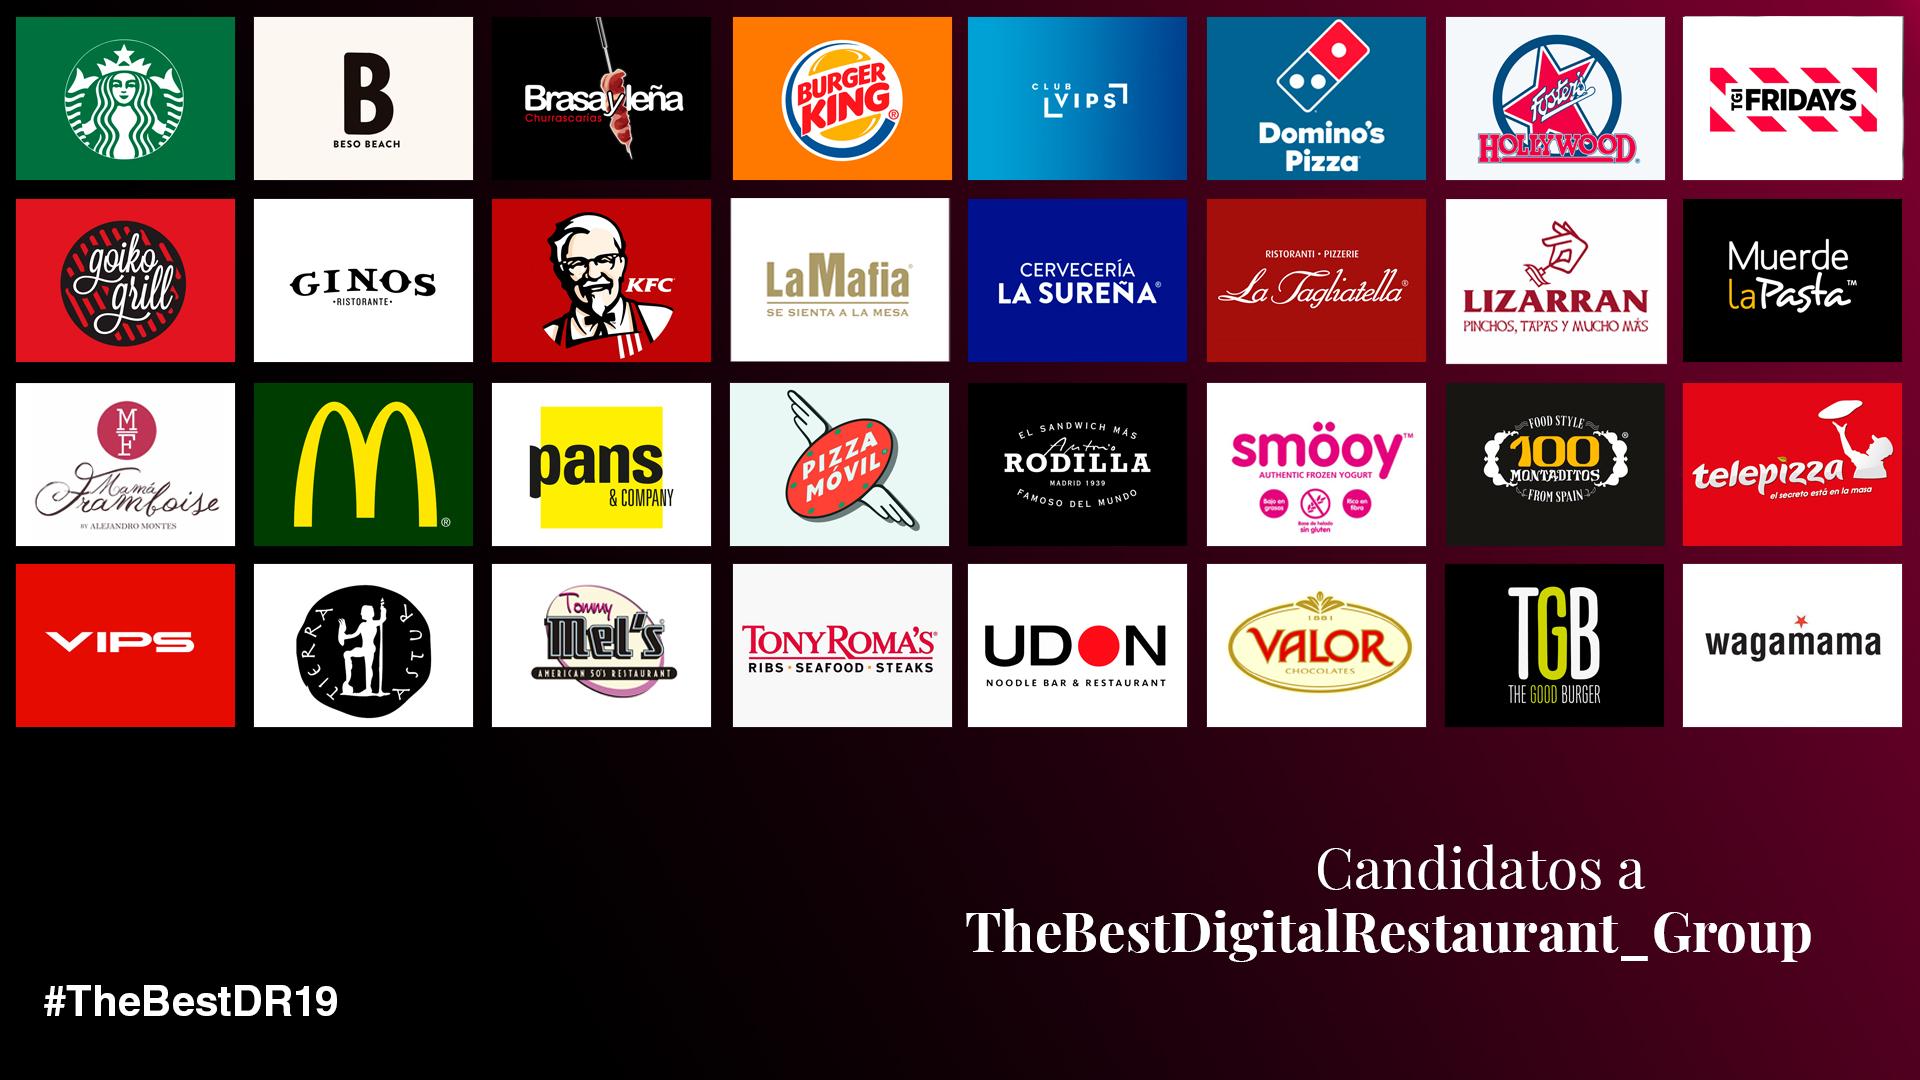 Nominados a The BestDigitalRestaurant_Group 2019